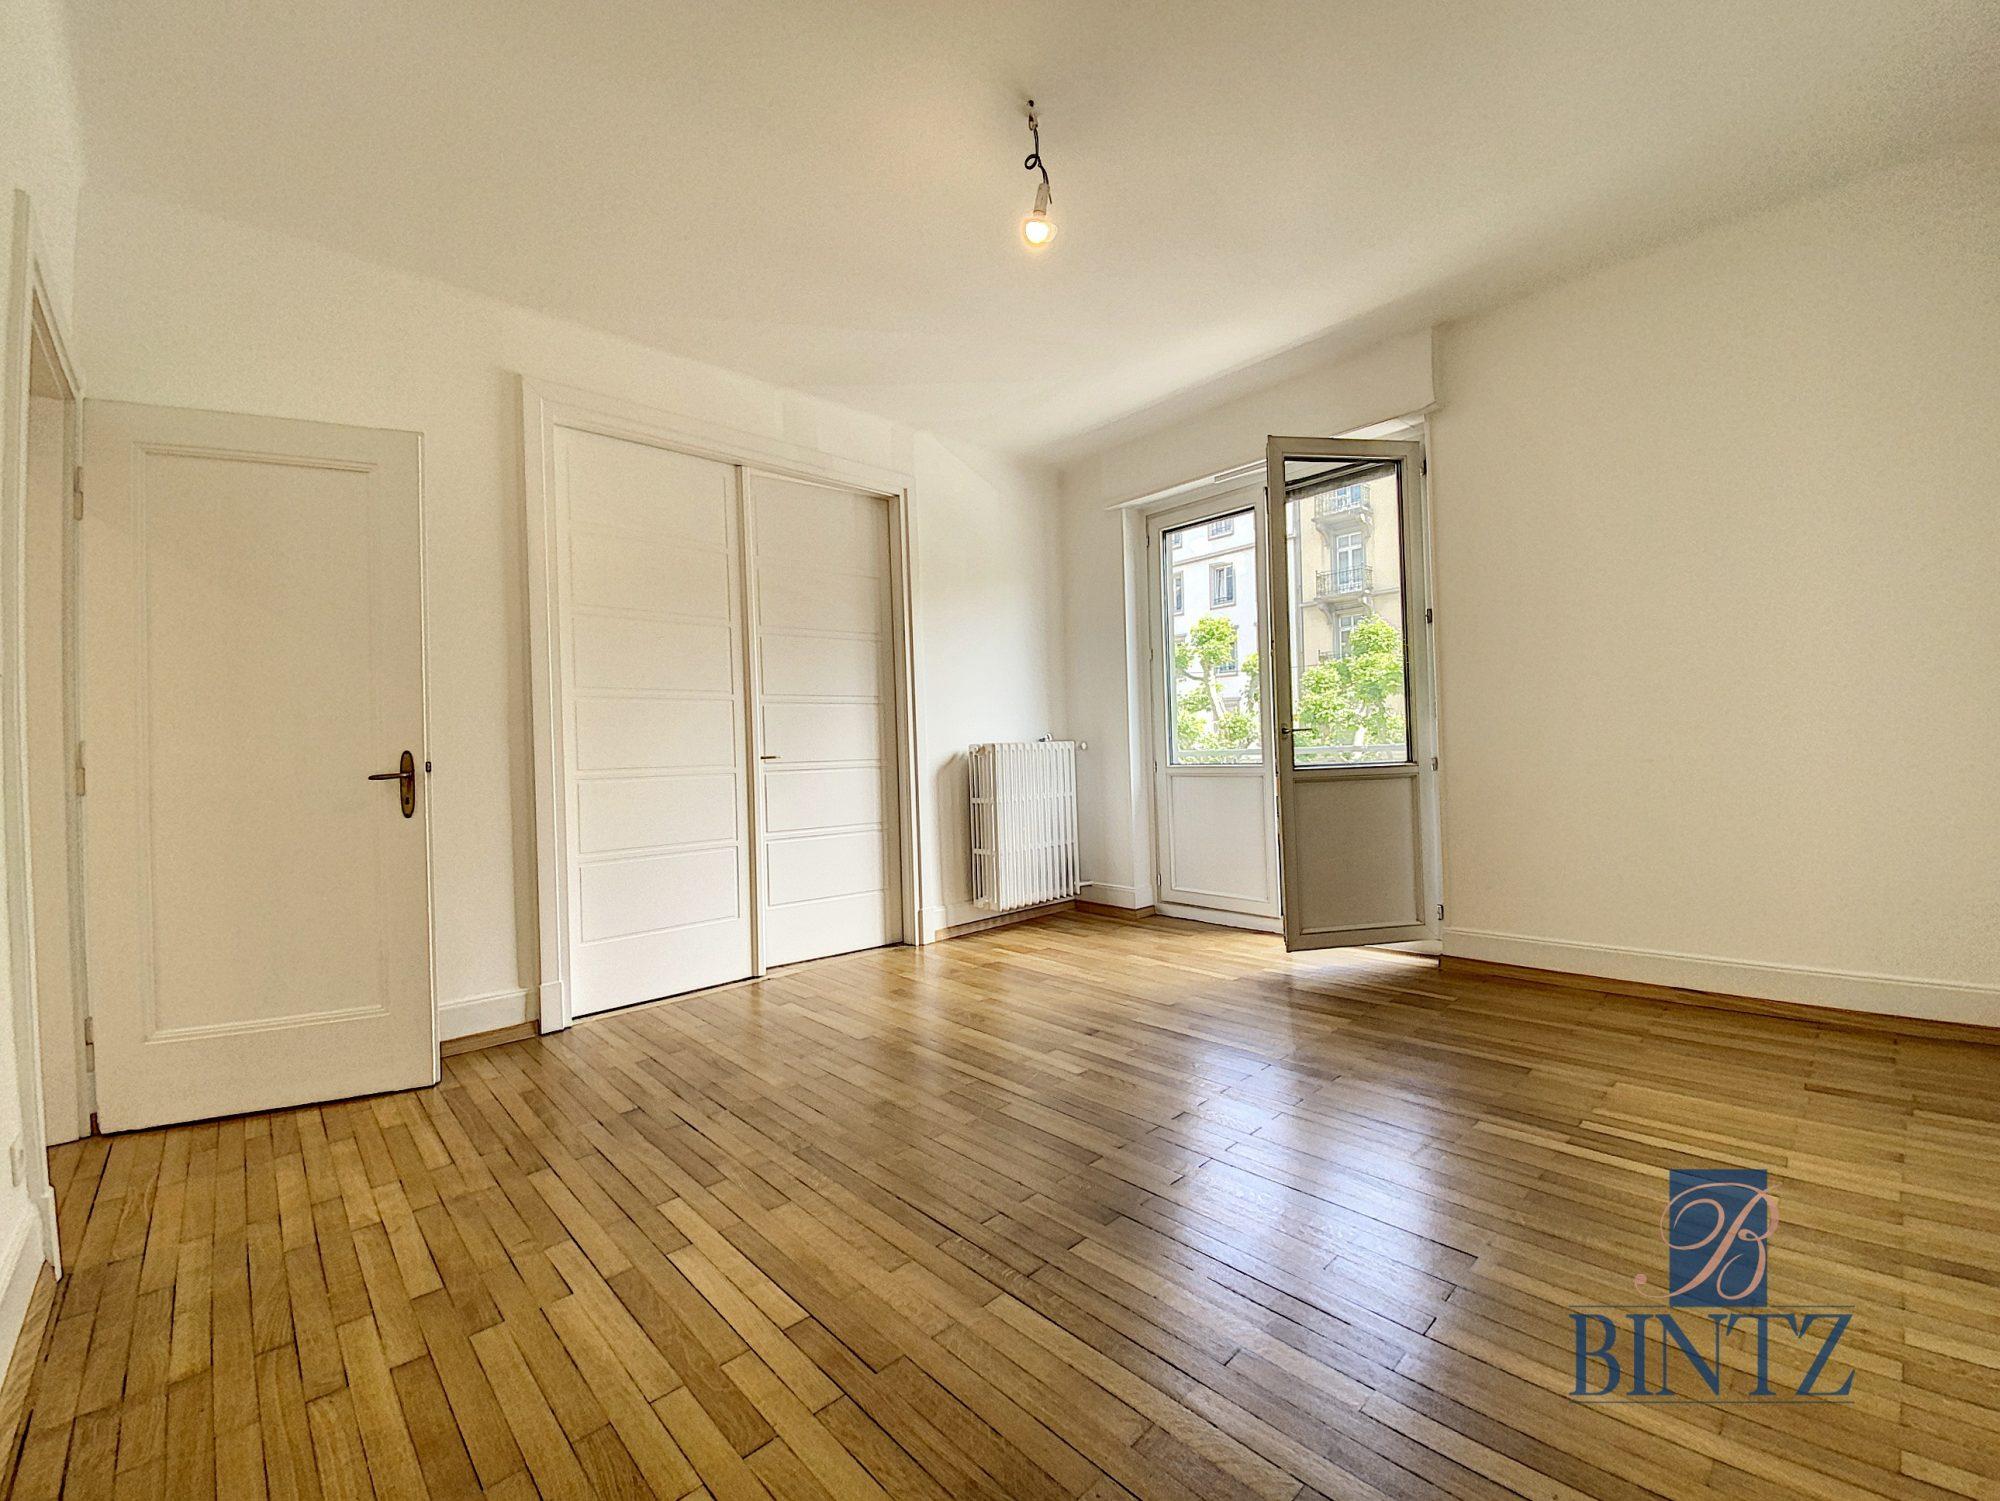 3 PIECES REFAIT A NEUF MUSEE D'ART MODERNE - Devenez locataire en toute sérénité - Bintz Immobilier - 9